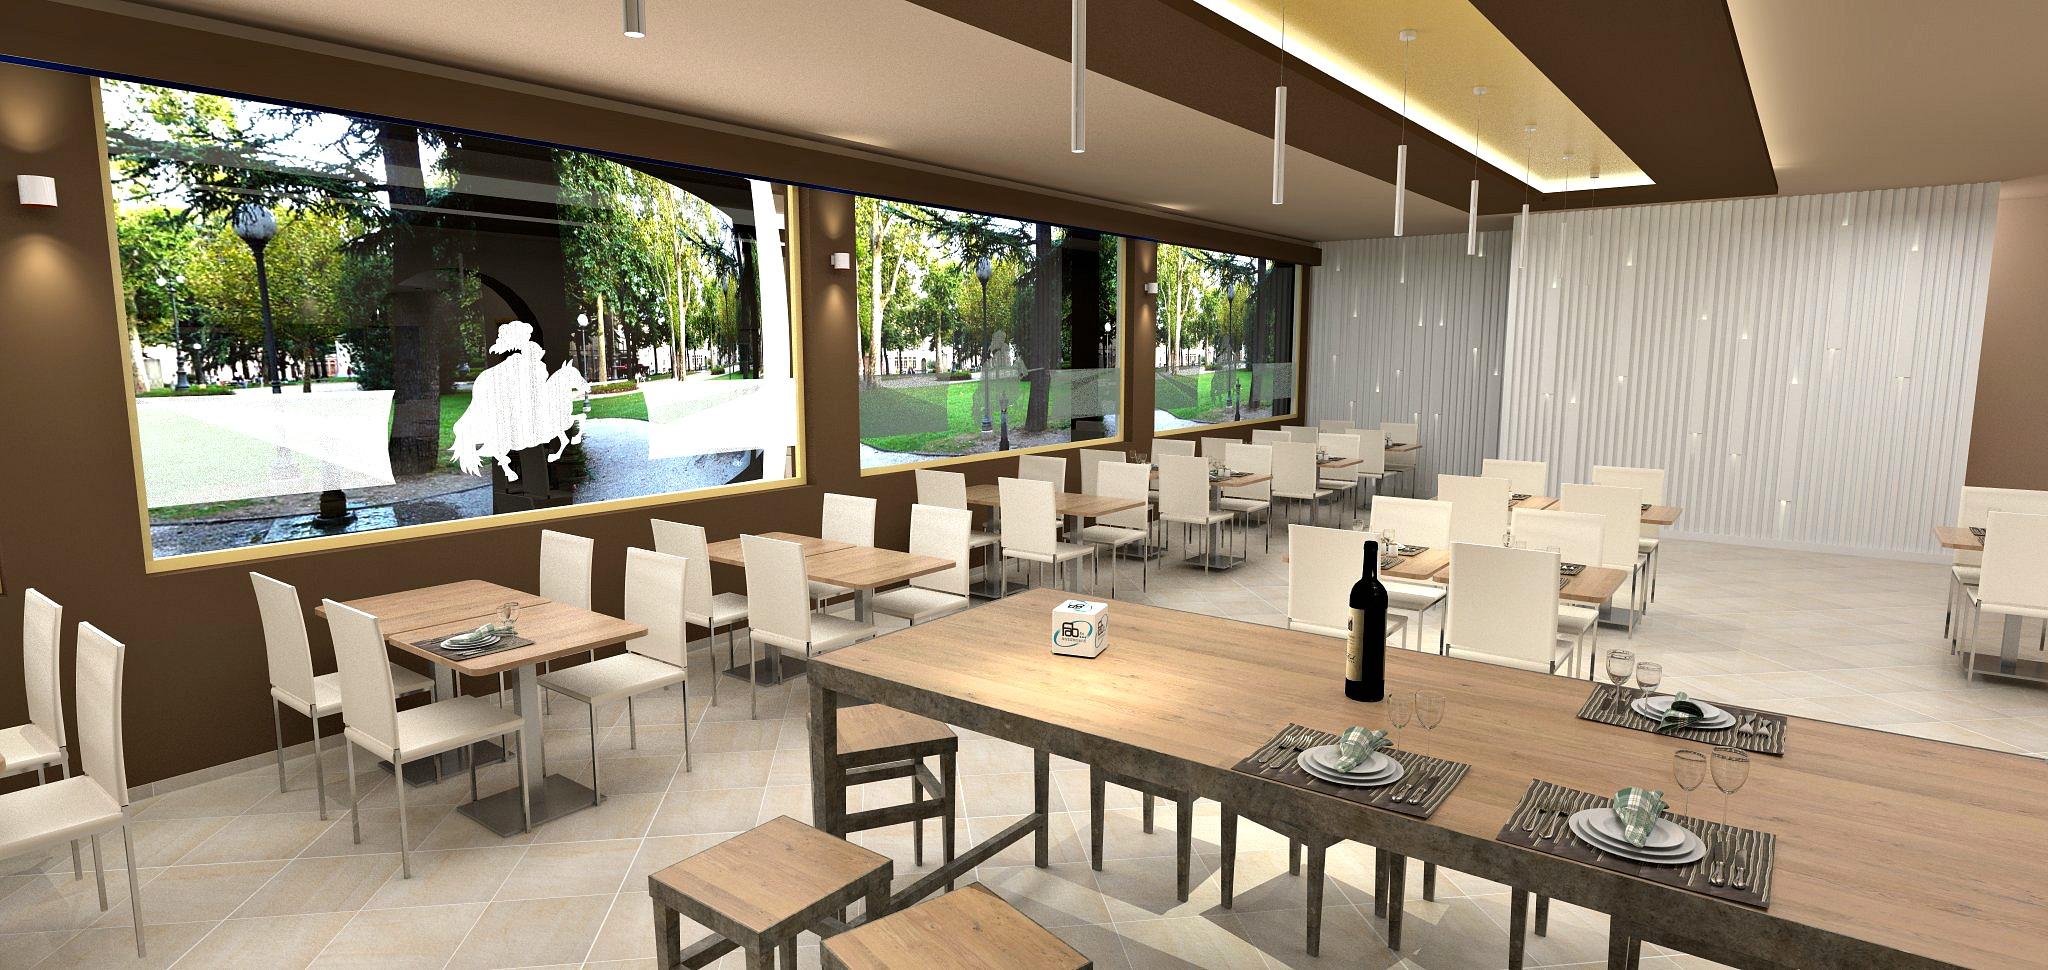 Bozza di realizzazione per il salone ristorante del Ristorante Pizzeria Parsifal a Curnasco in Provincia di Bergamo